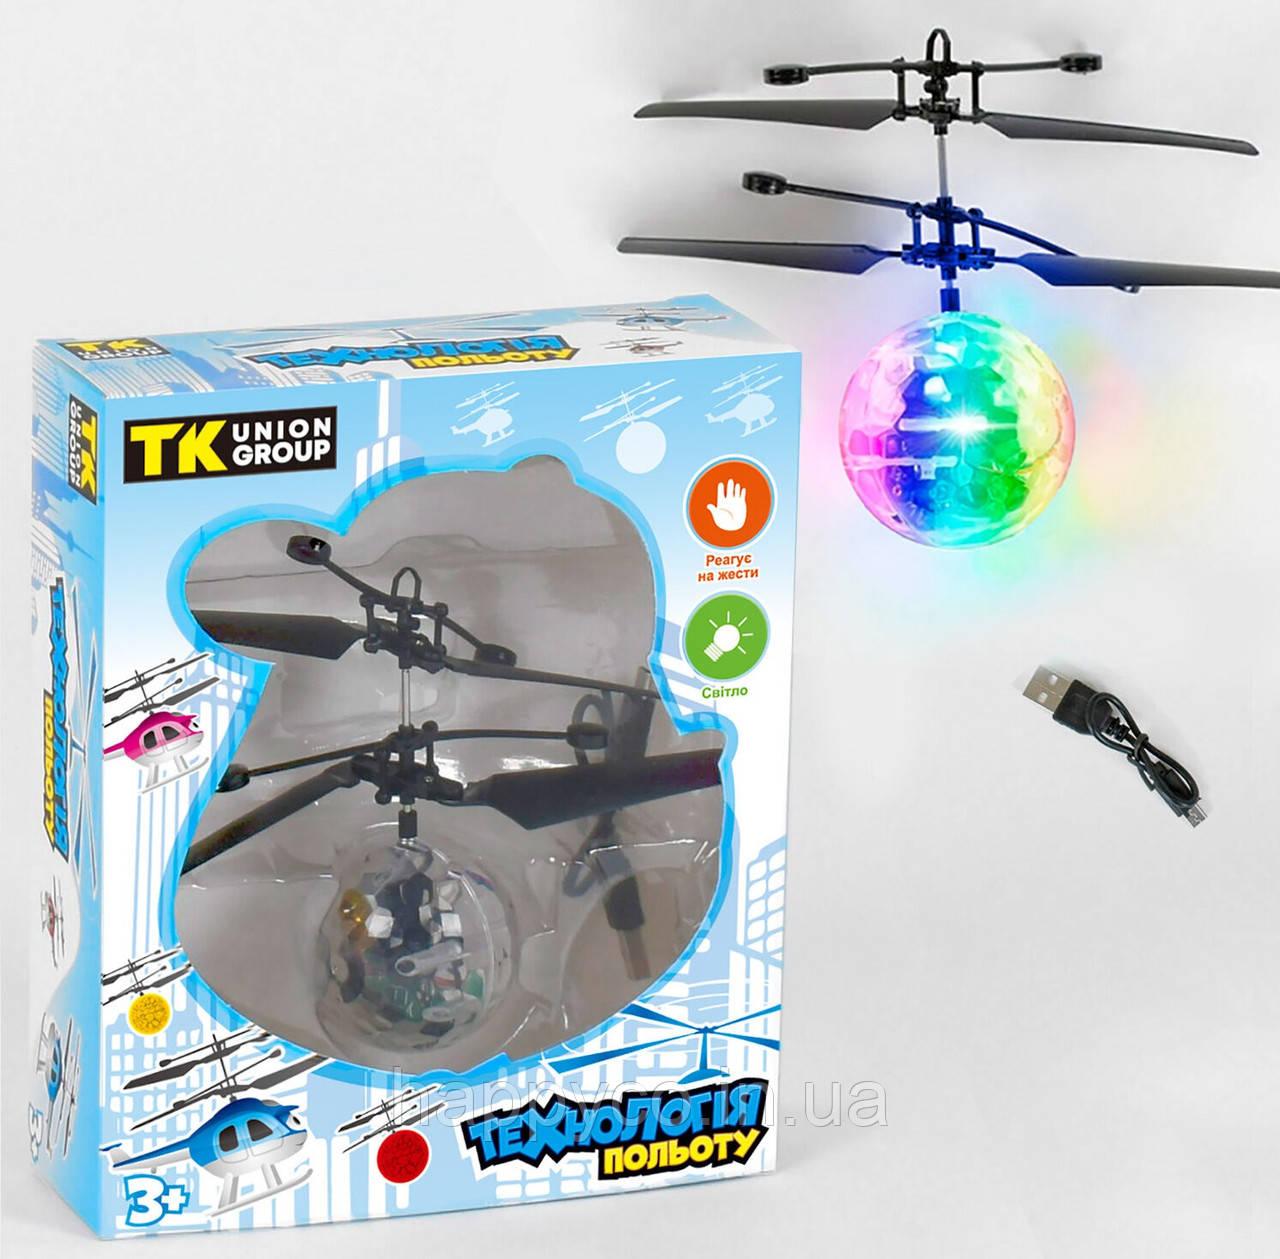 Летающий шар  сенсорное управление, аккум., зарядка USB, подсветка, детская игрушка